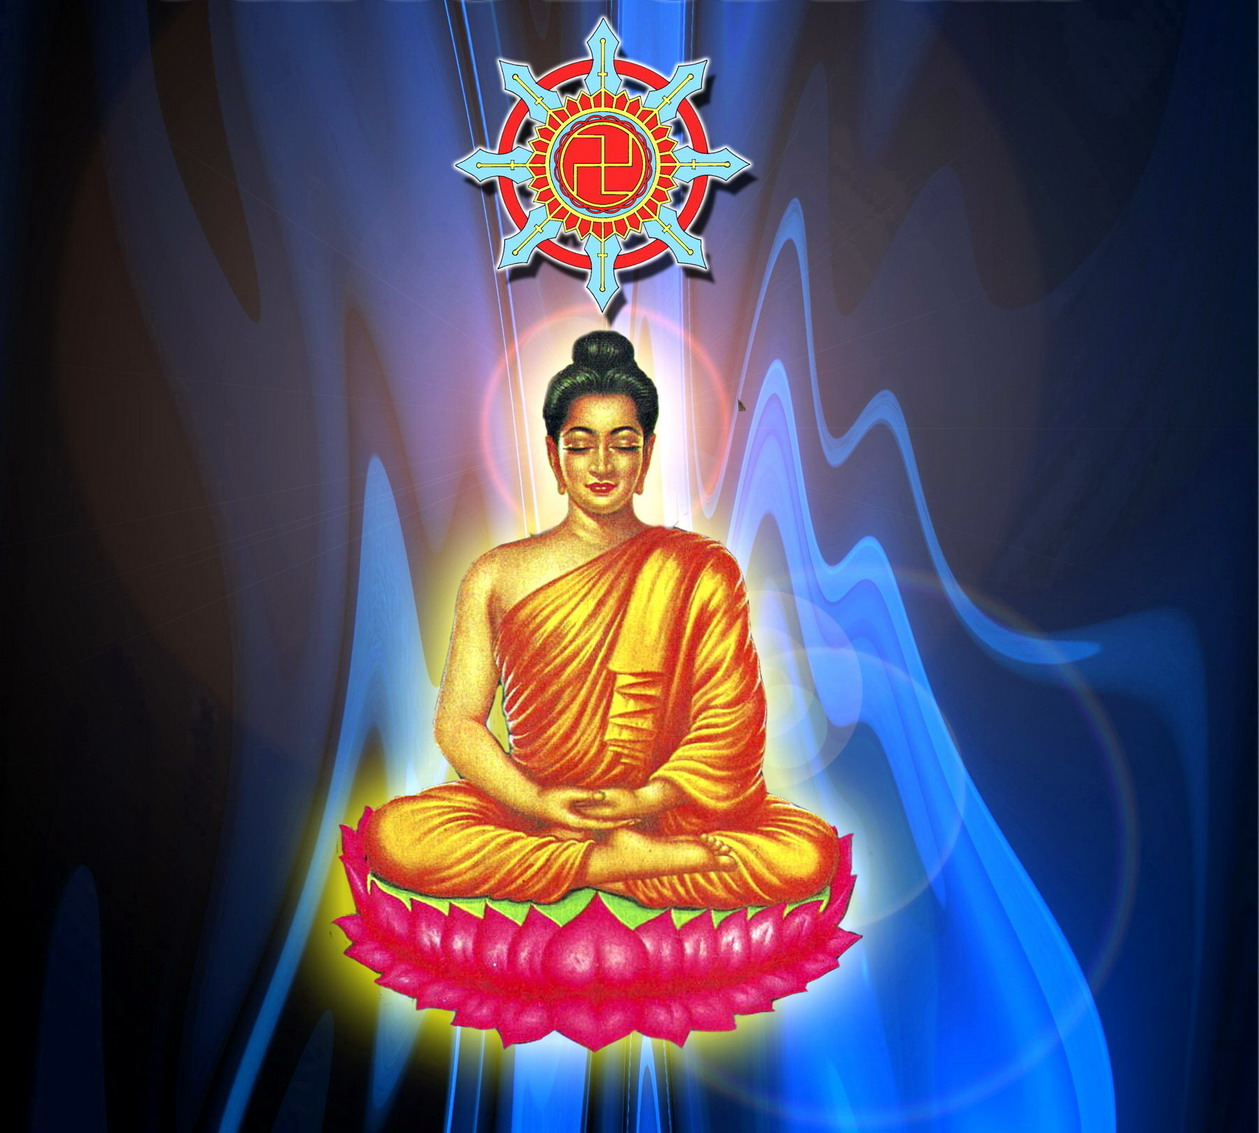 PUSTAKA DHAMMA BUDDHA